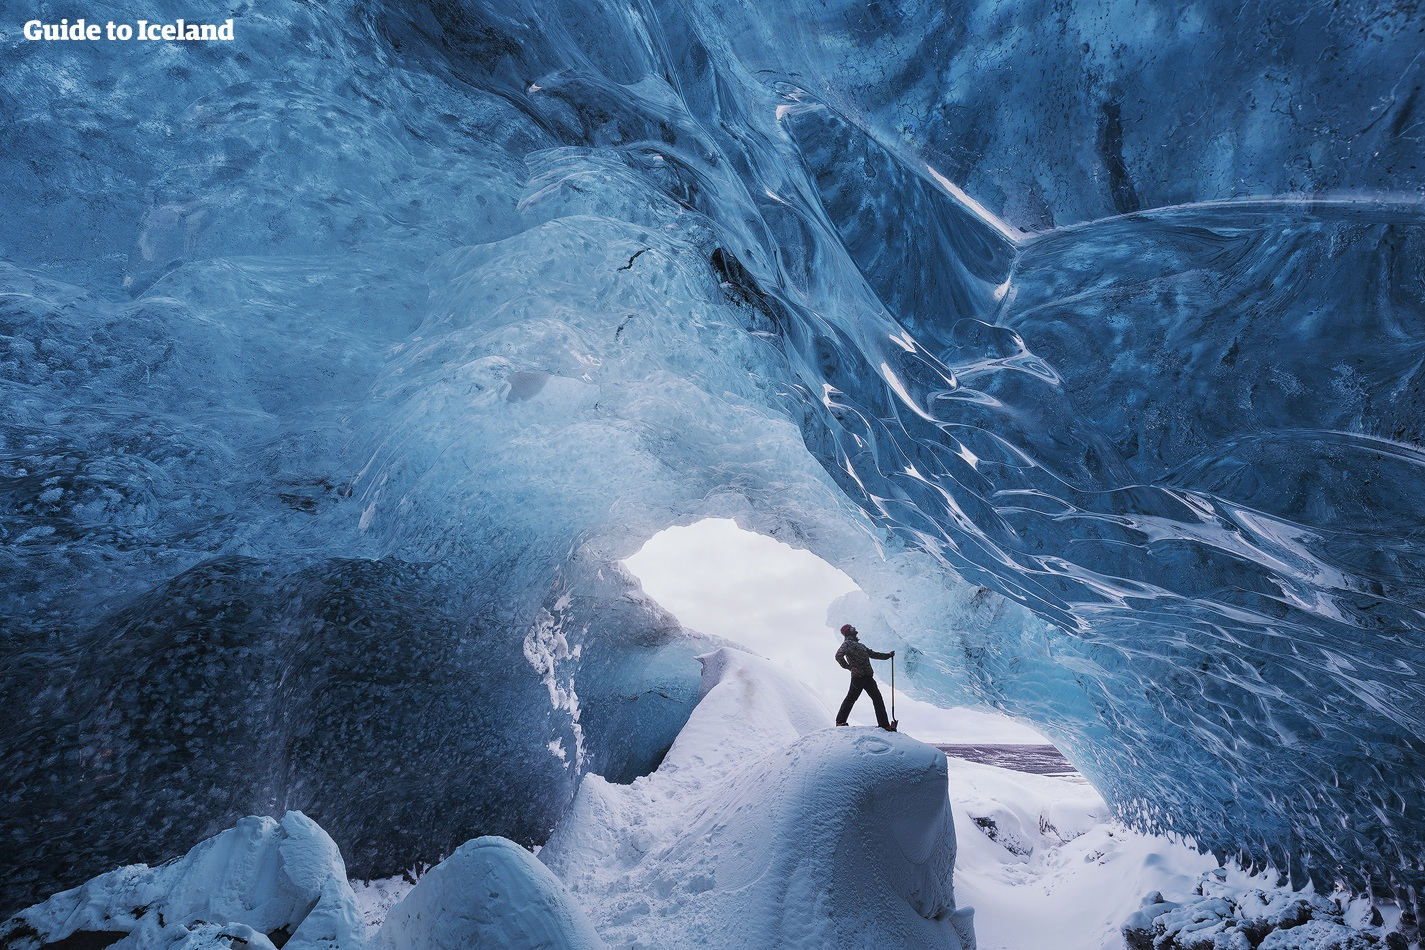 얼음동굴 액티비티에 참여하려면, 헬멧과 아이젠, 얇은 모자, 튼튼한 등산화를 꼭 착용해야 합니다.